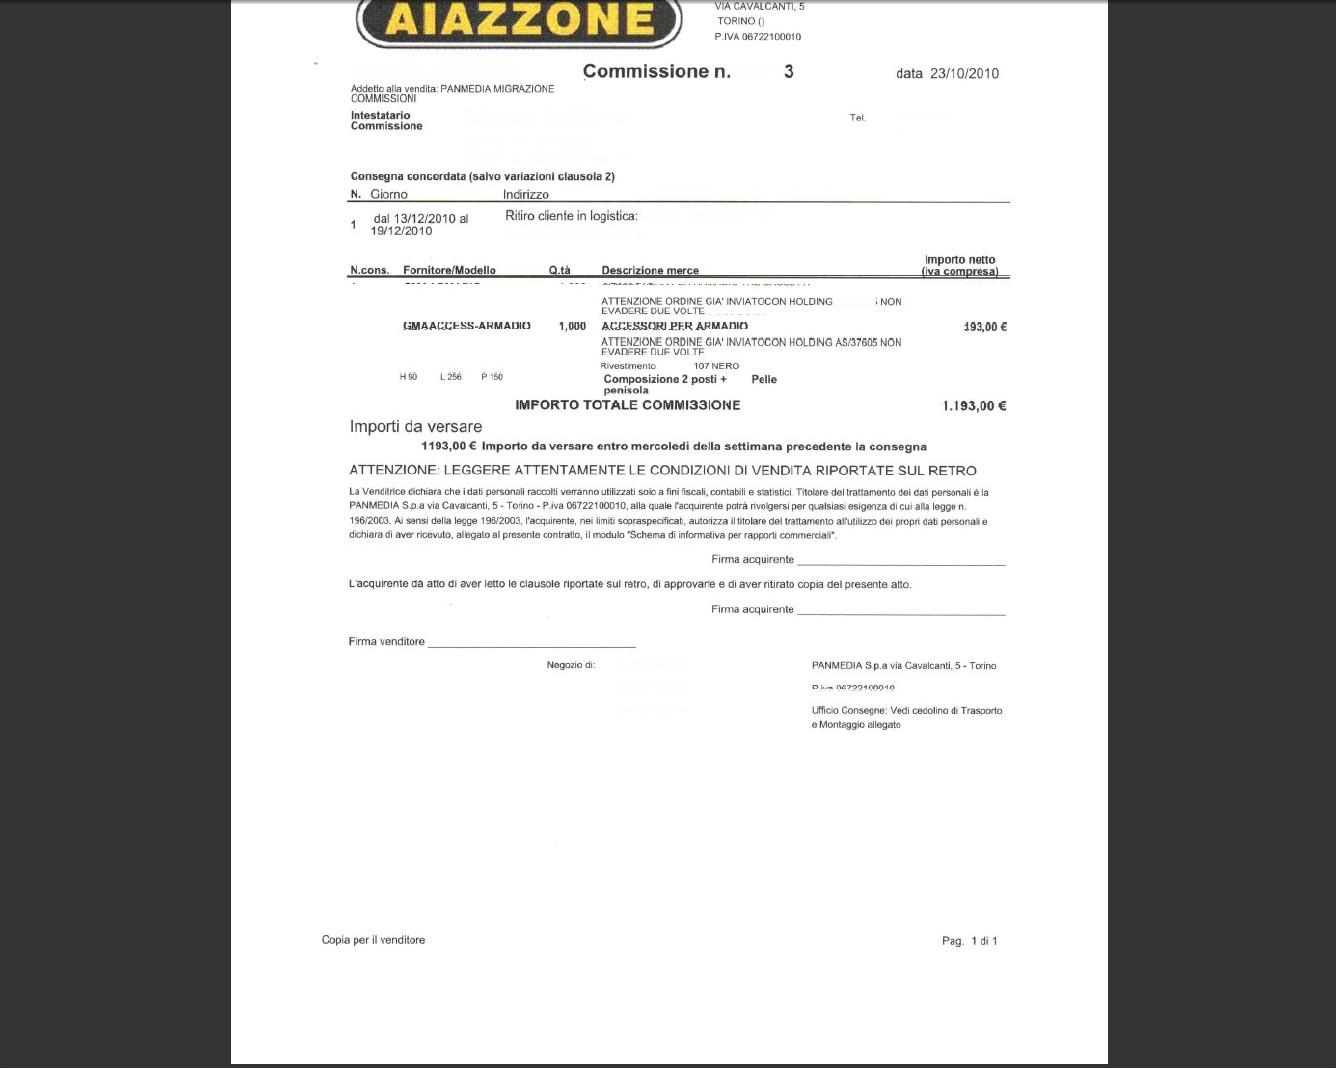 Aiazzone: sbocco difficile per Panmedia, dissidi interni sul piano di rilancio >> Economia e ...